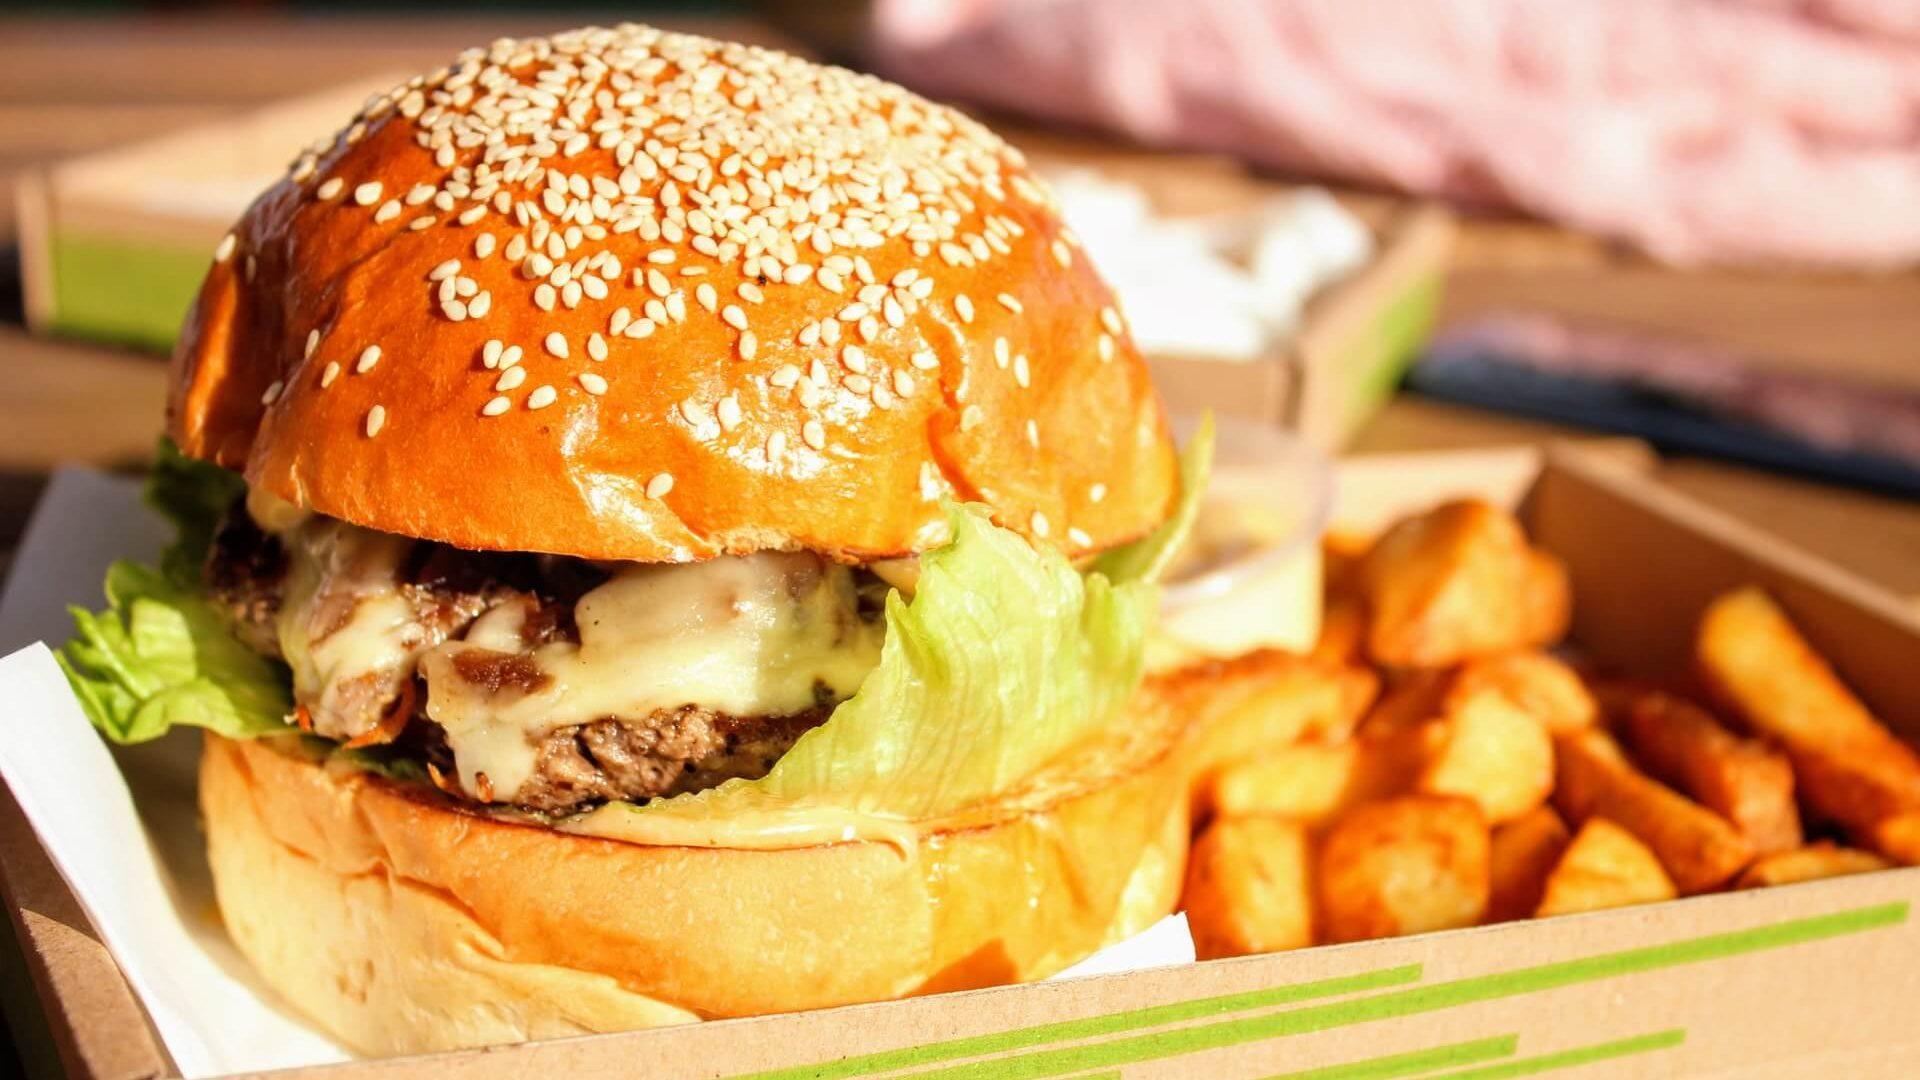 Alimentos que causam espinhas: Fast Food